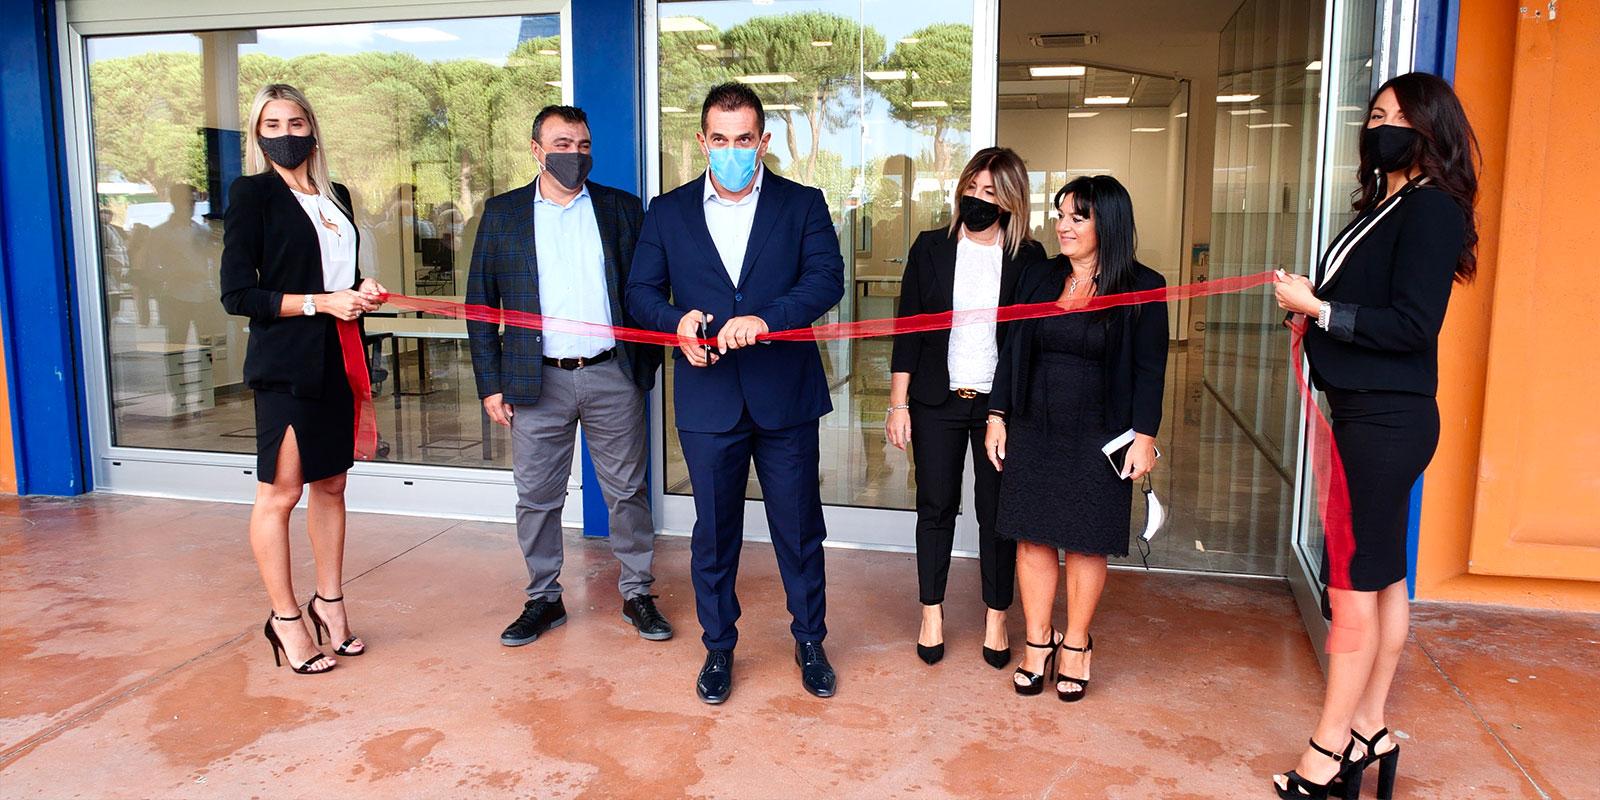 Belle Pergole - L'azienda inaugura una nuova sede